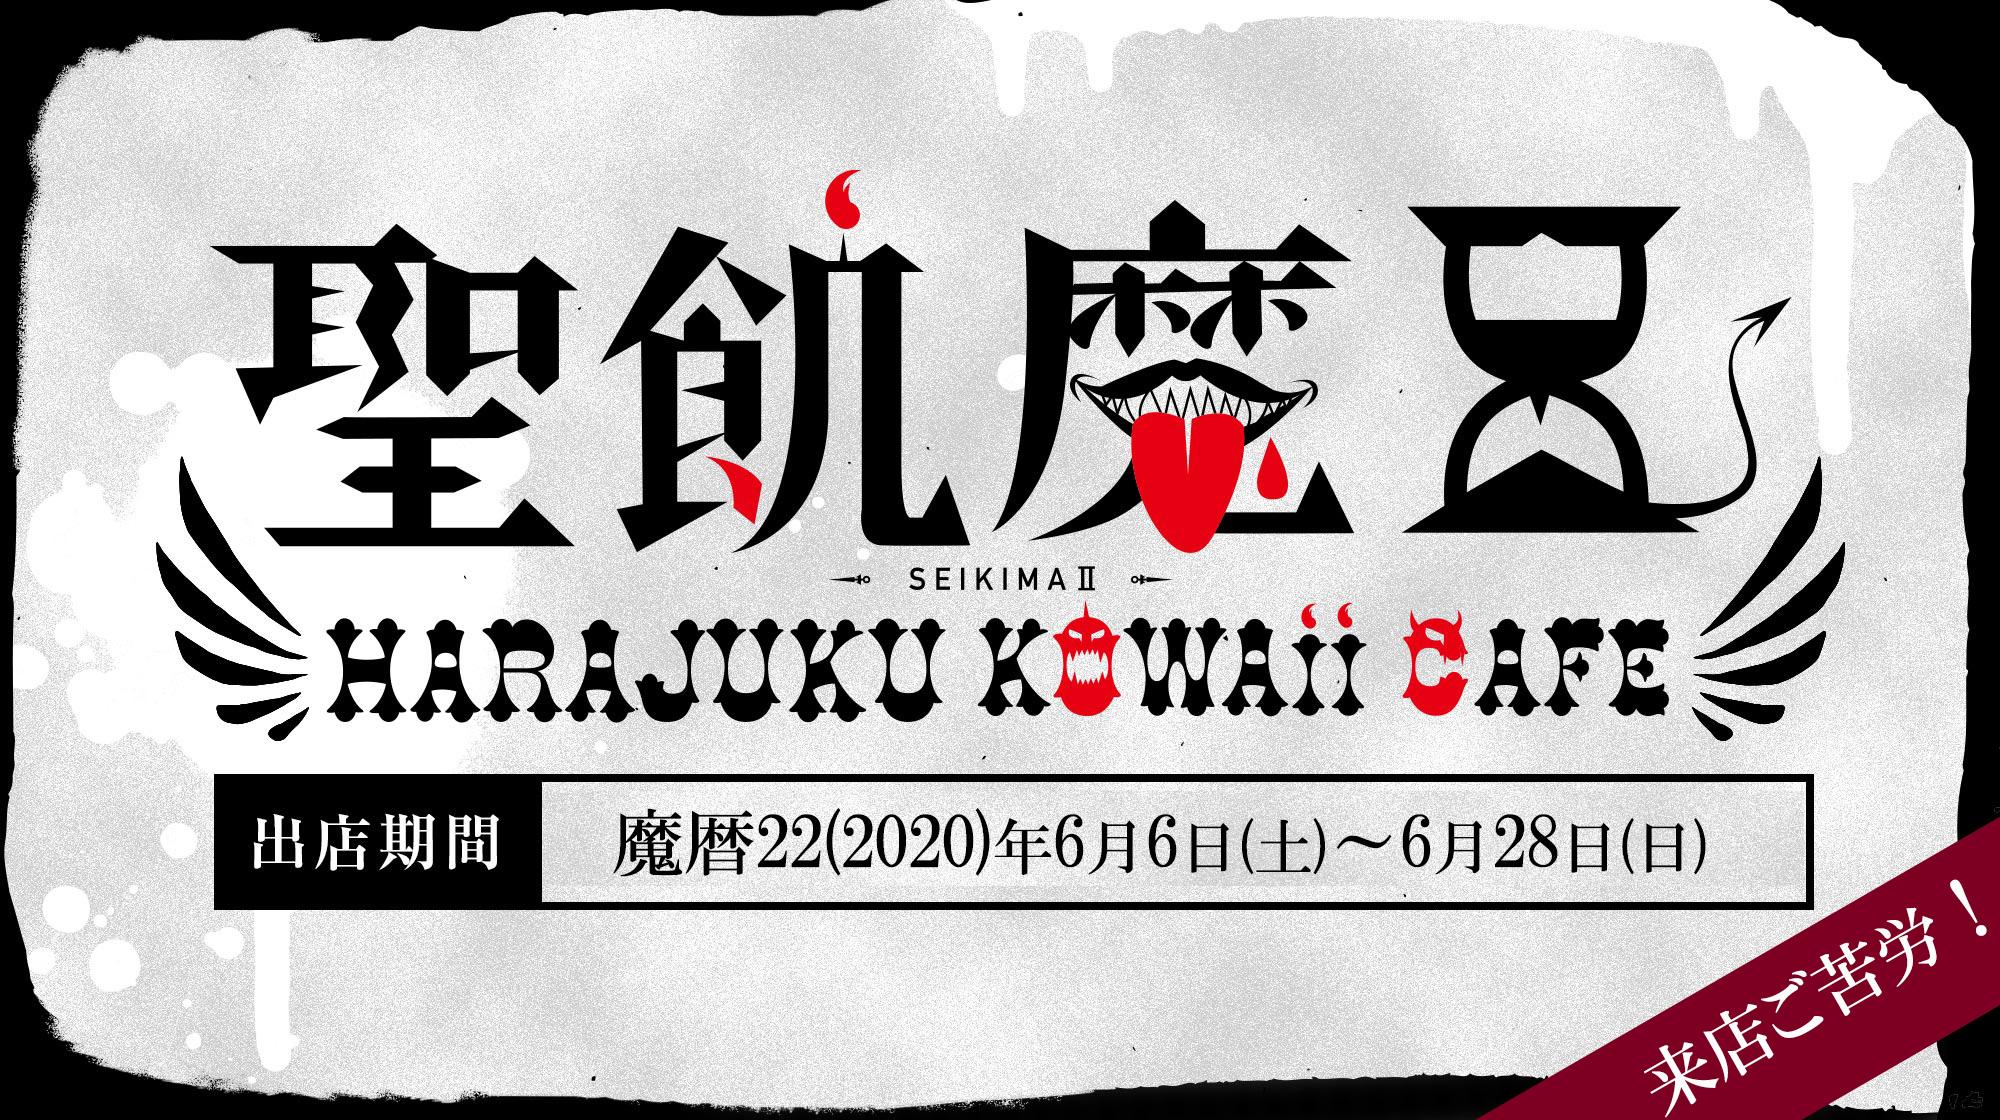 「HARAJUKU KOWAii CAFE」